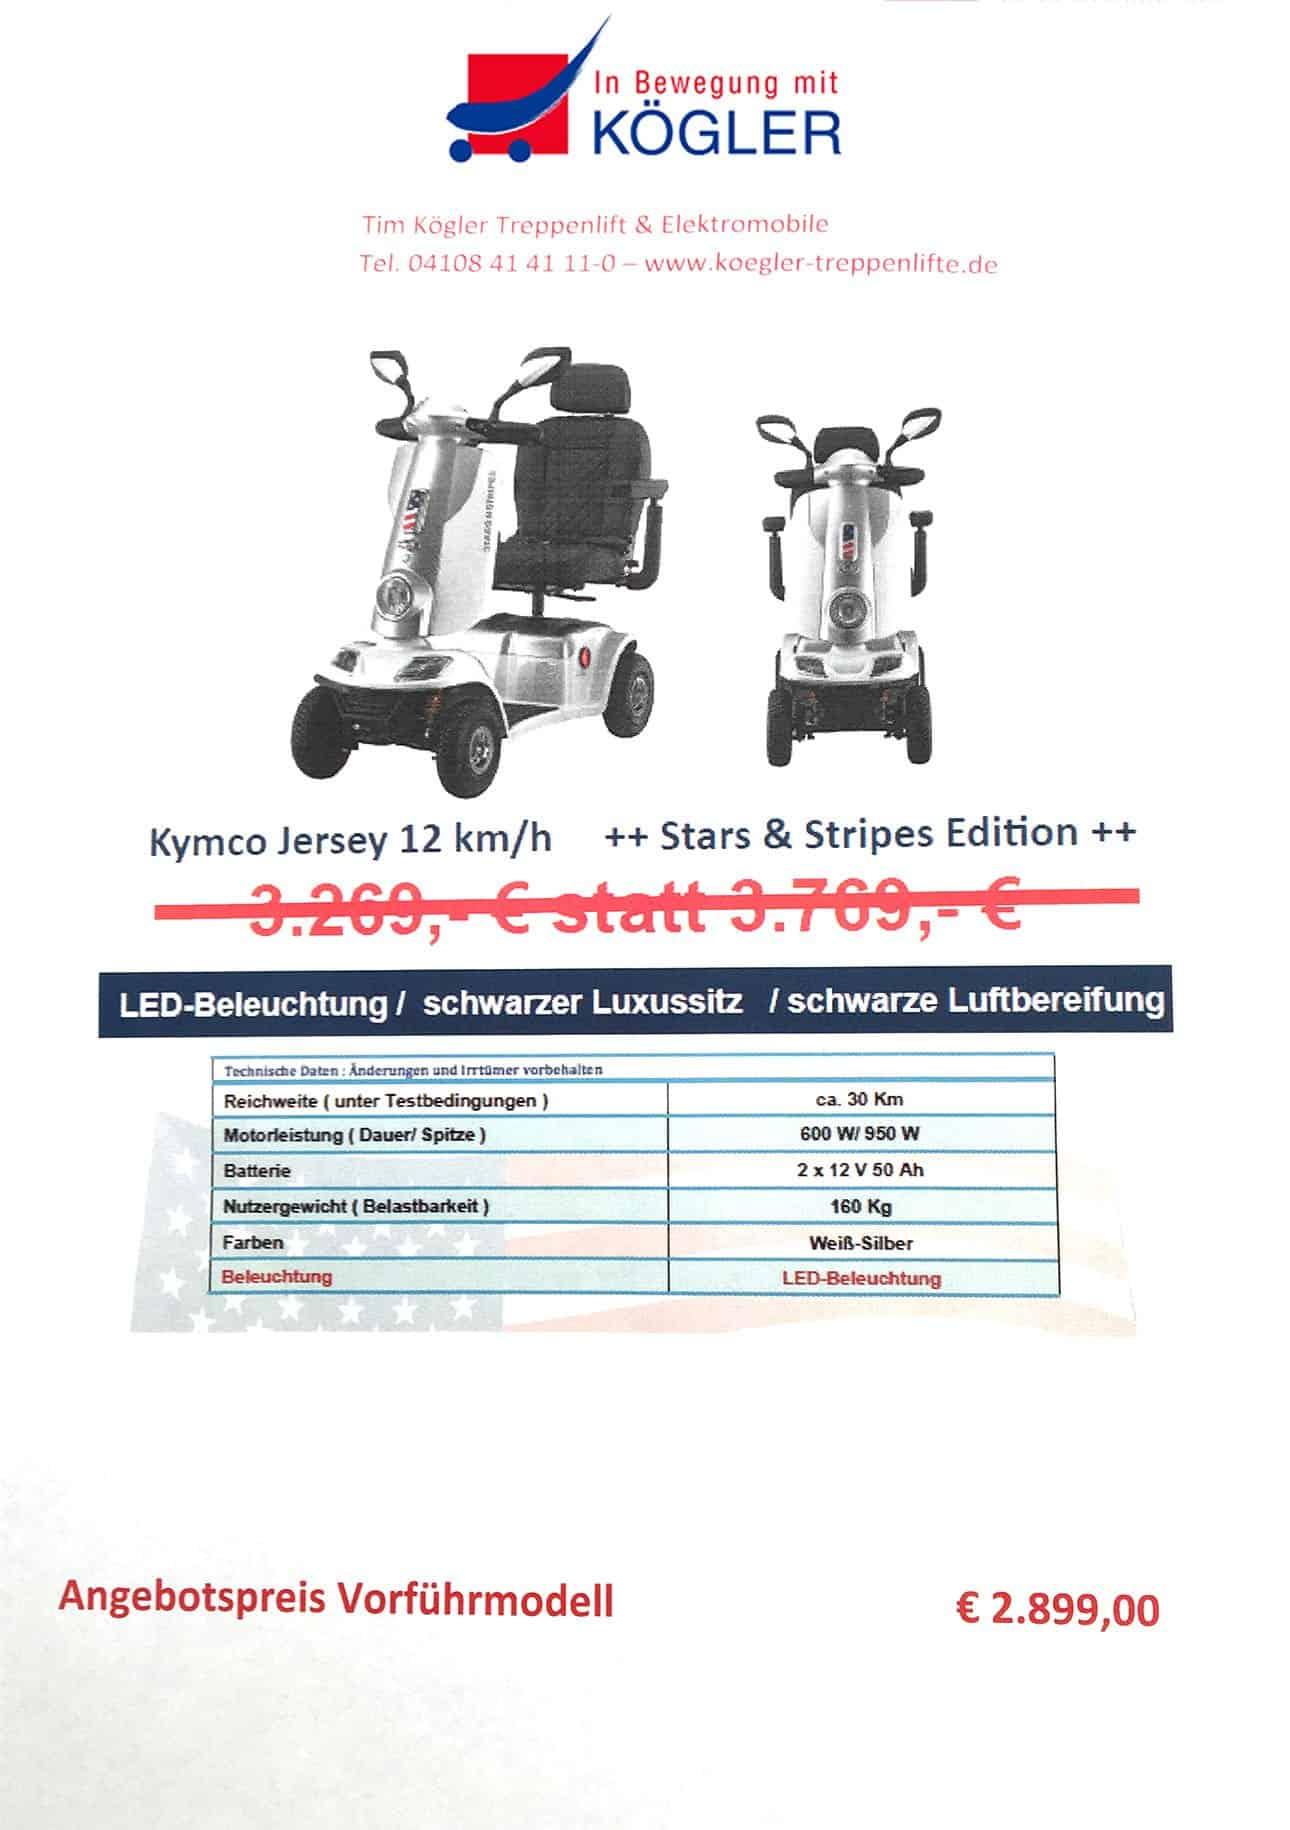 Elektromobil Angebot - Kögler